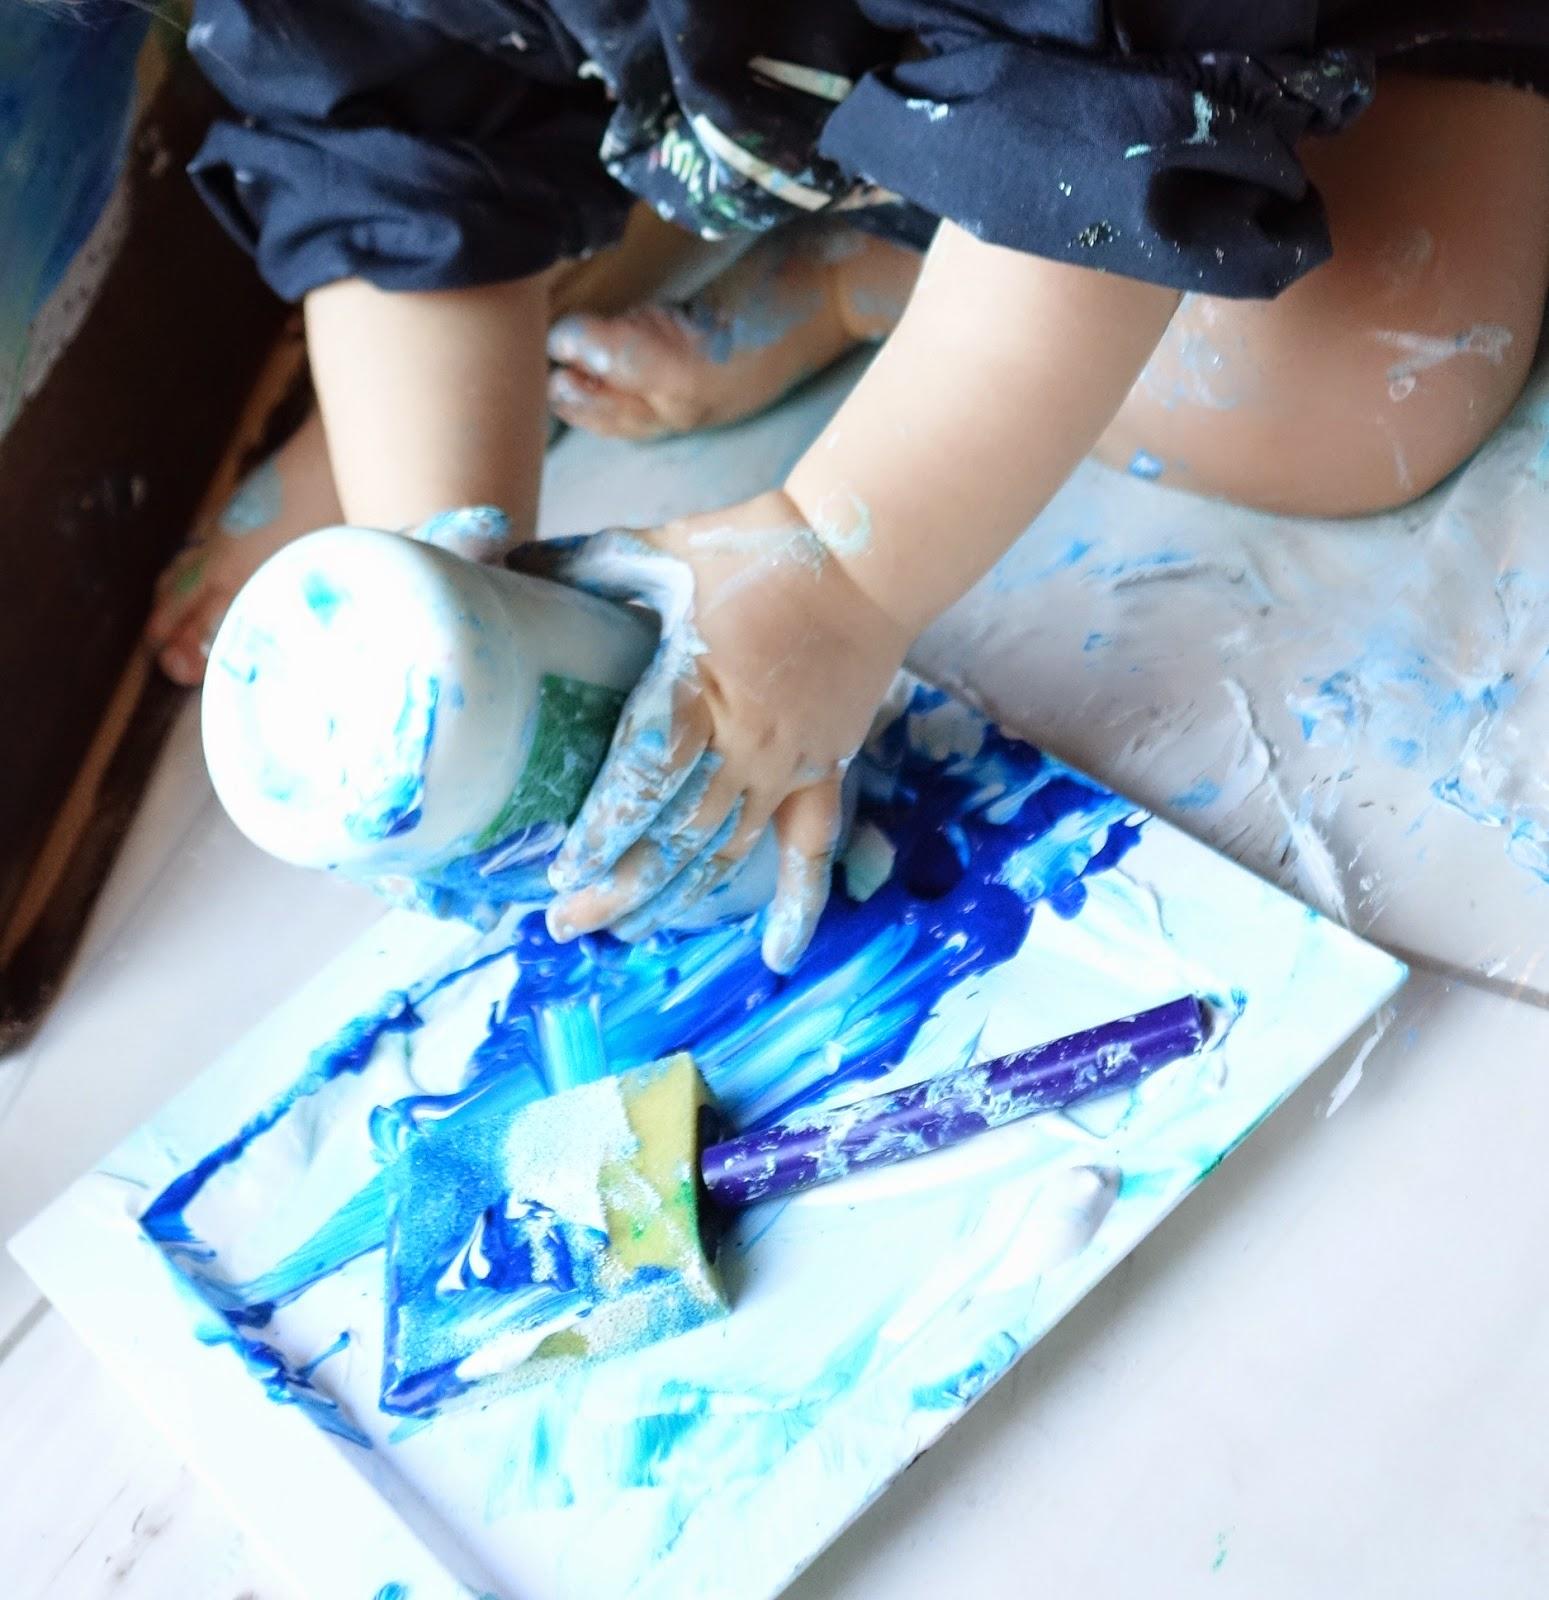 pots-de-peinture